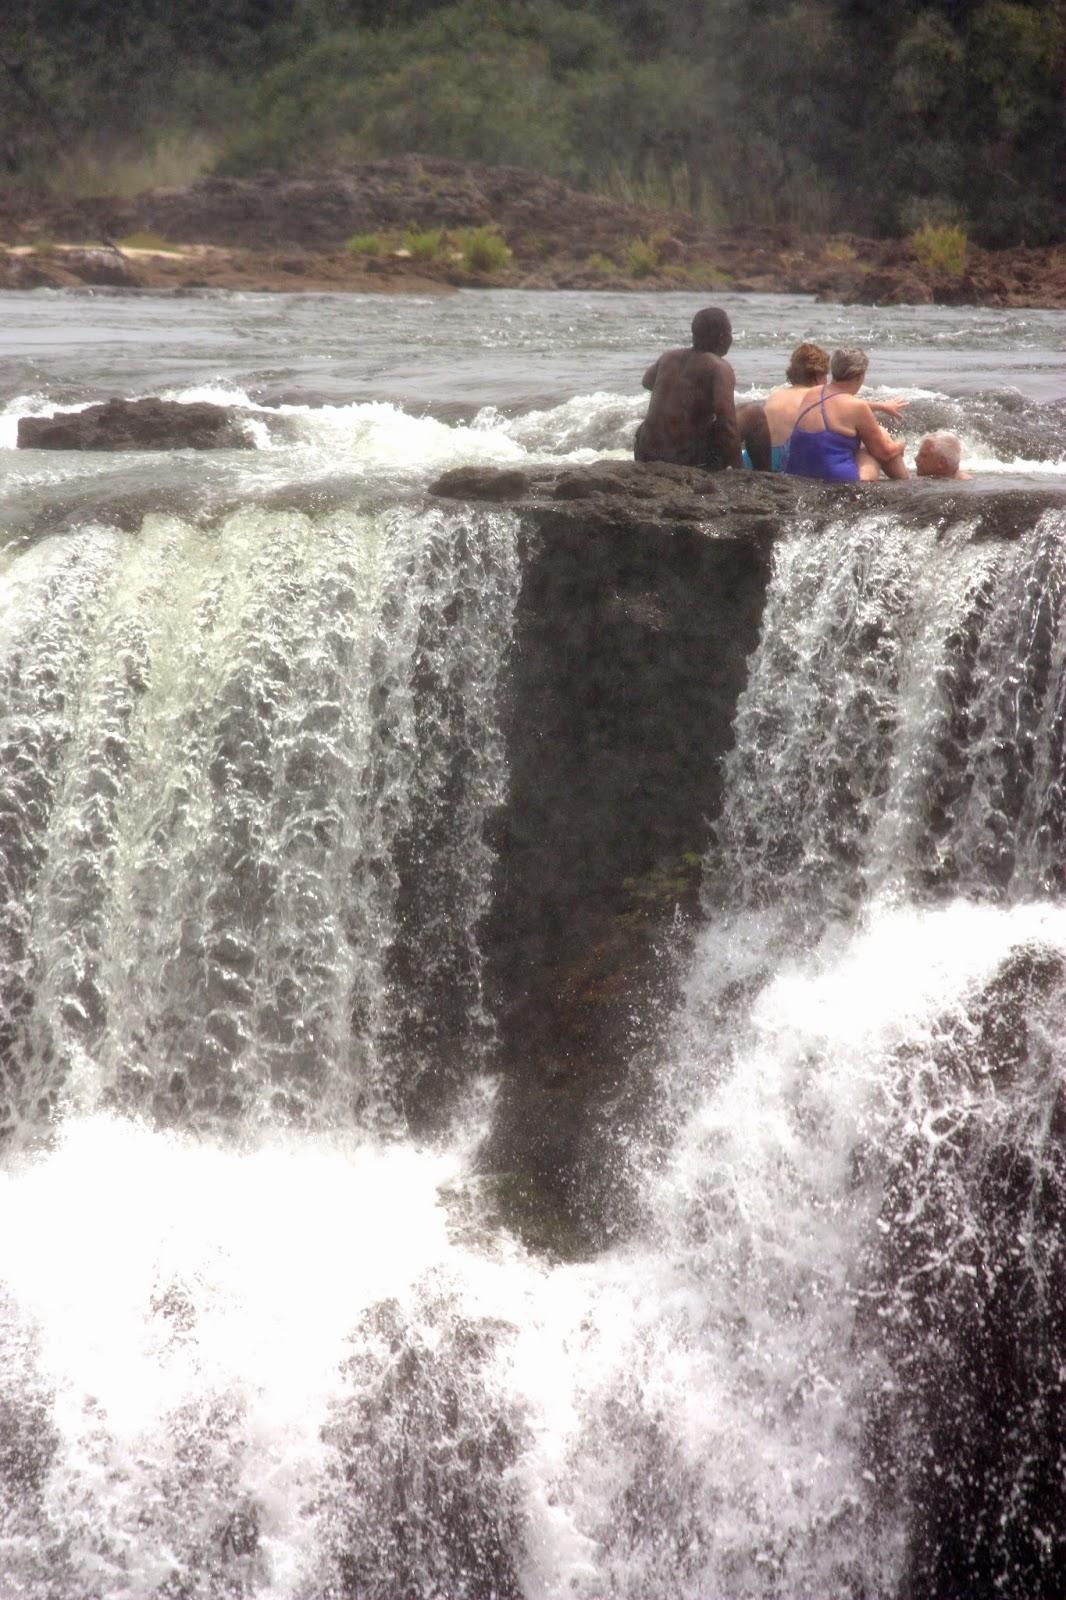 Blog de viajes viajar y aprender cataratas victoria en for La piscina del diablo en las cataratas victoria